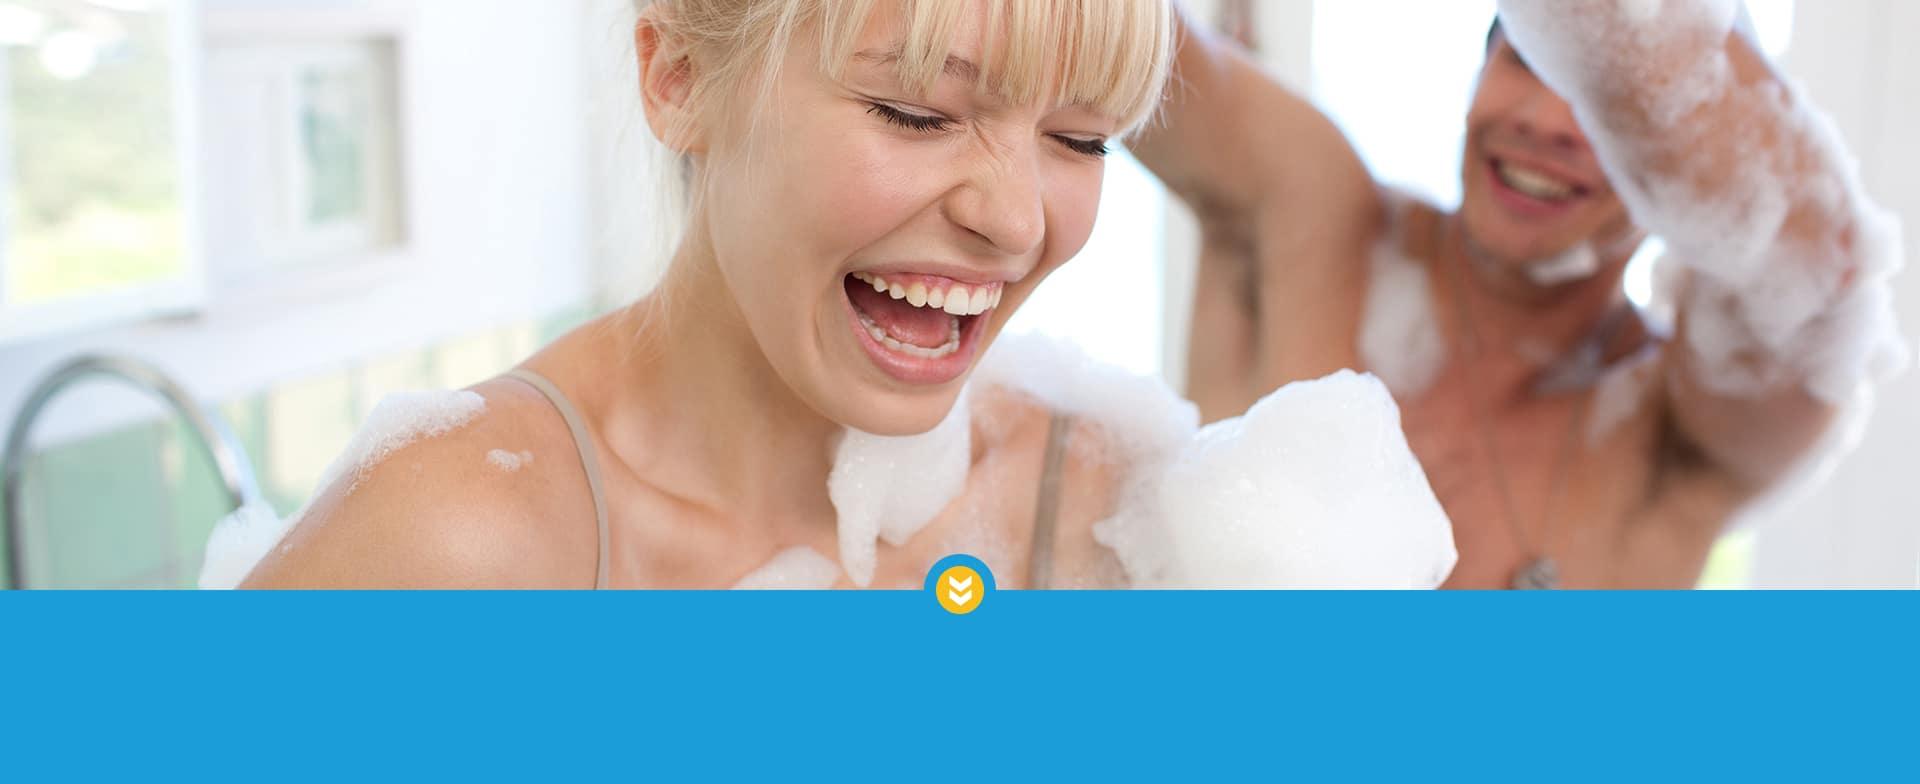 Bild: Pärchen in einer Badewanne